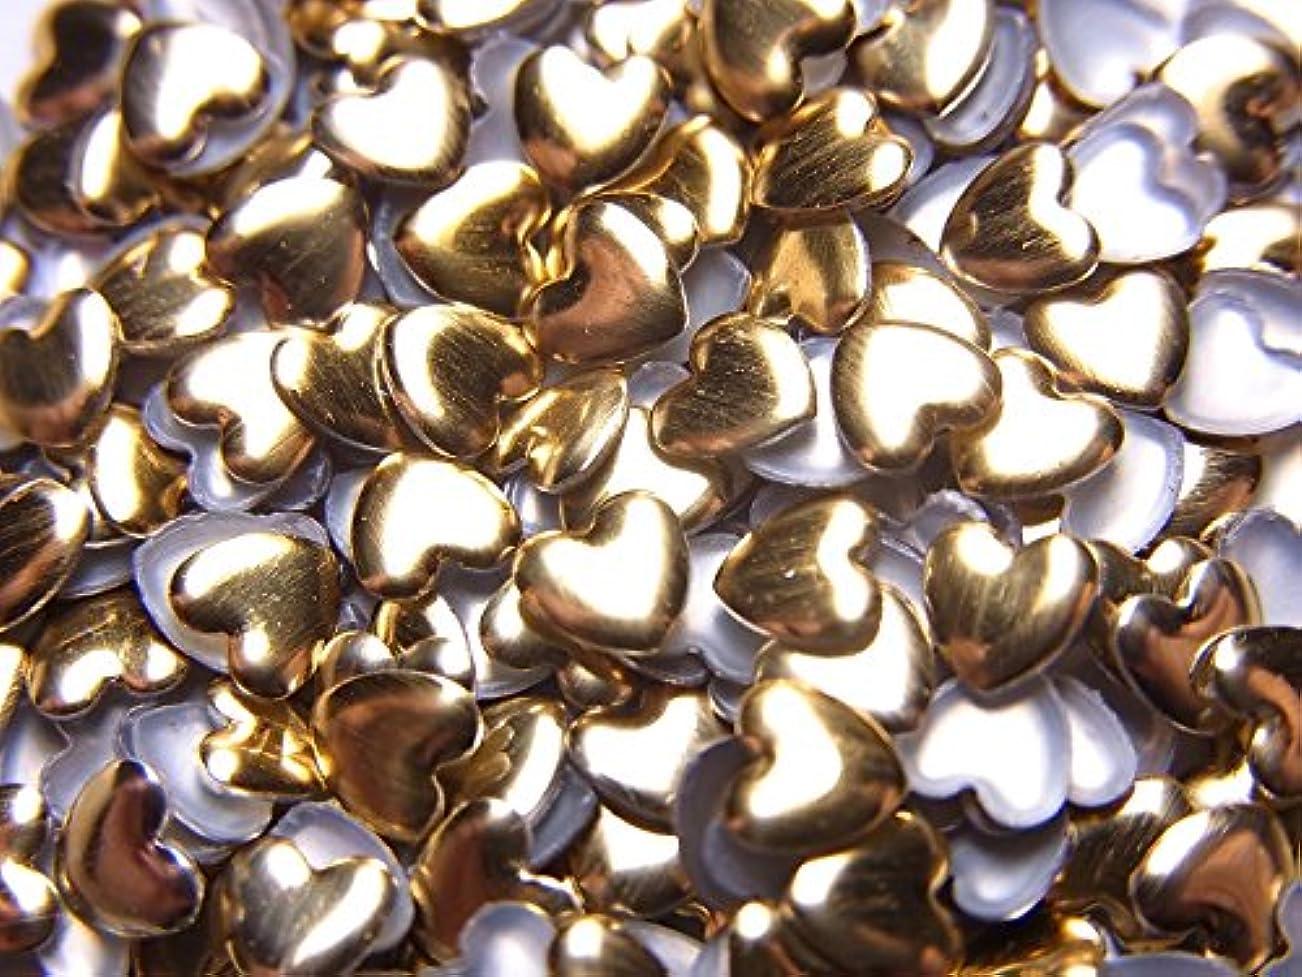 わな気味の悪い道路【jewel】ハート型 メタルスタッズ 4mm ゴールド 100粒入り